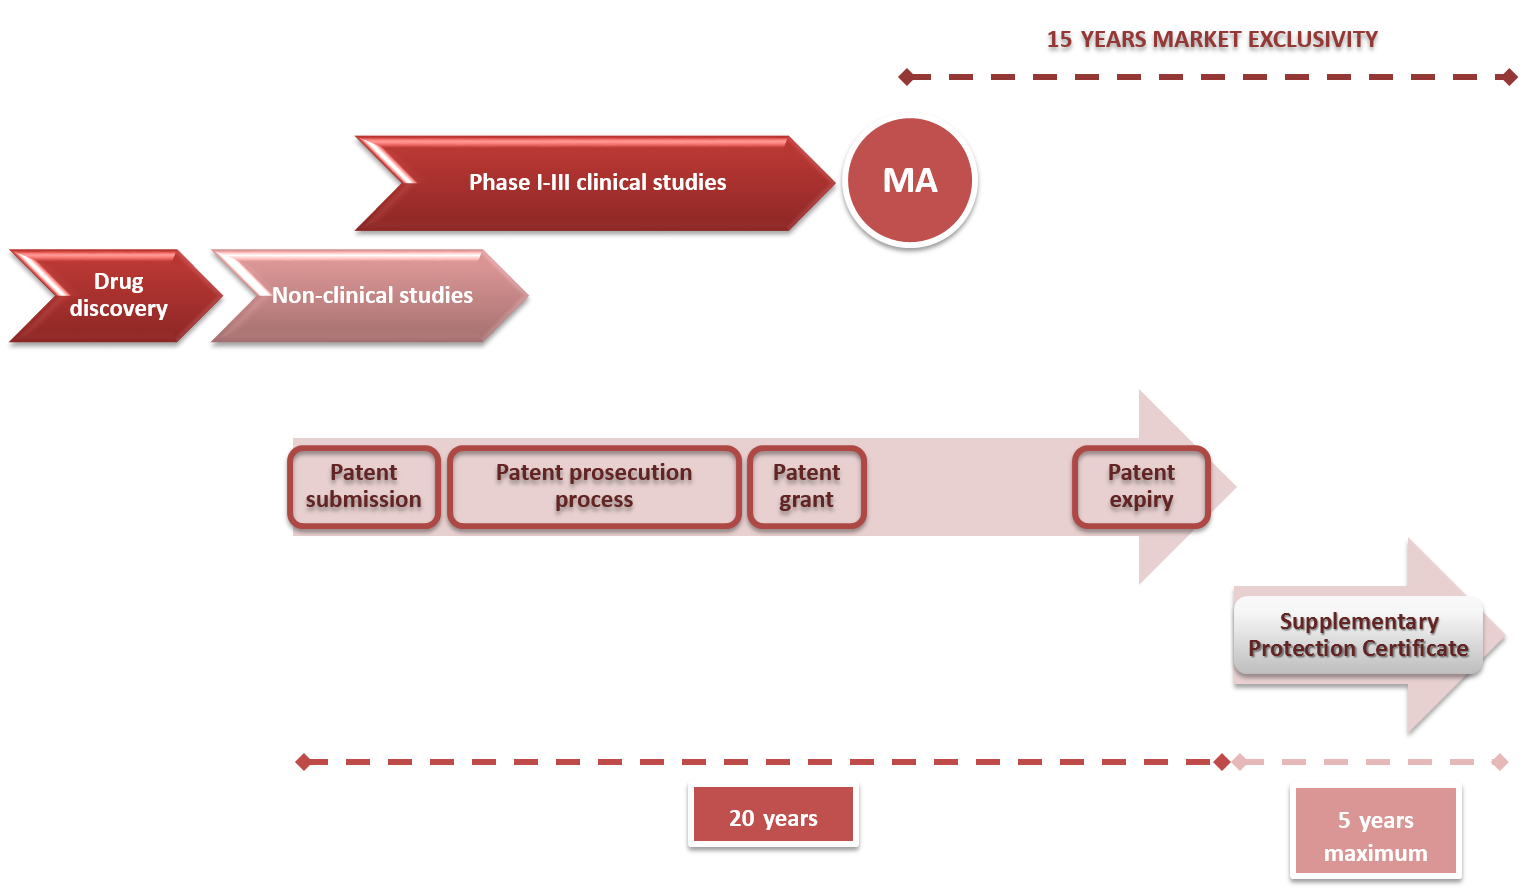 Patente certificado complementario proteccion